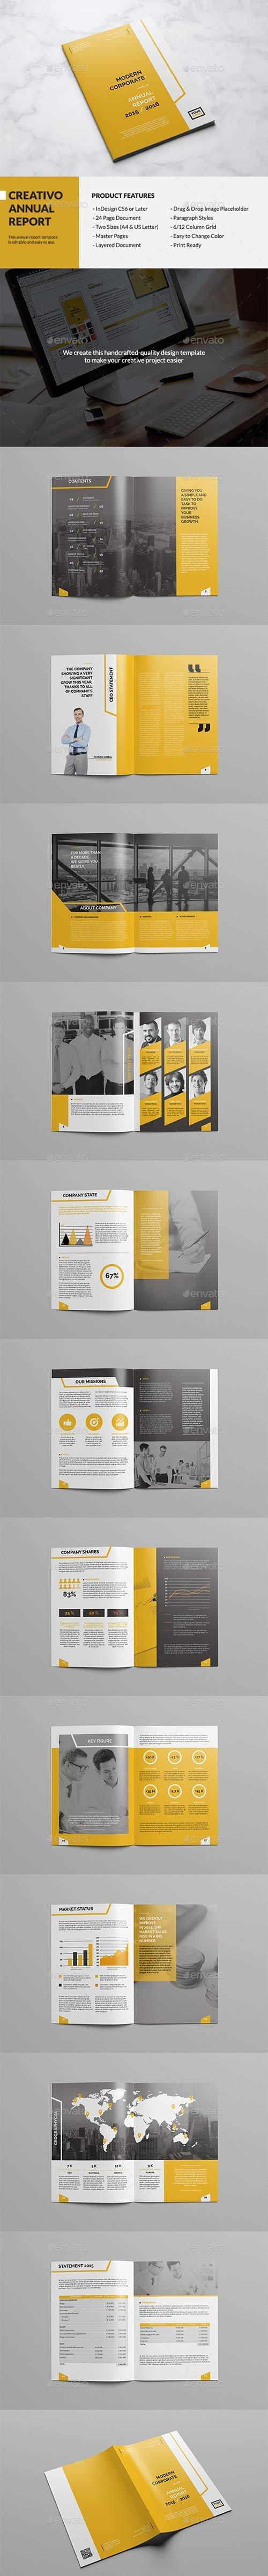 Graphicriver - Creativ - Annual Report 14321174